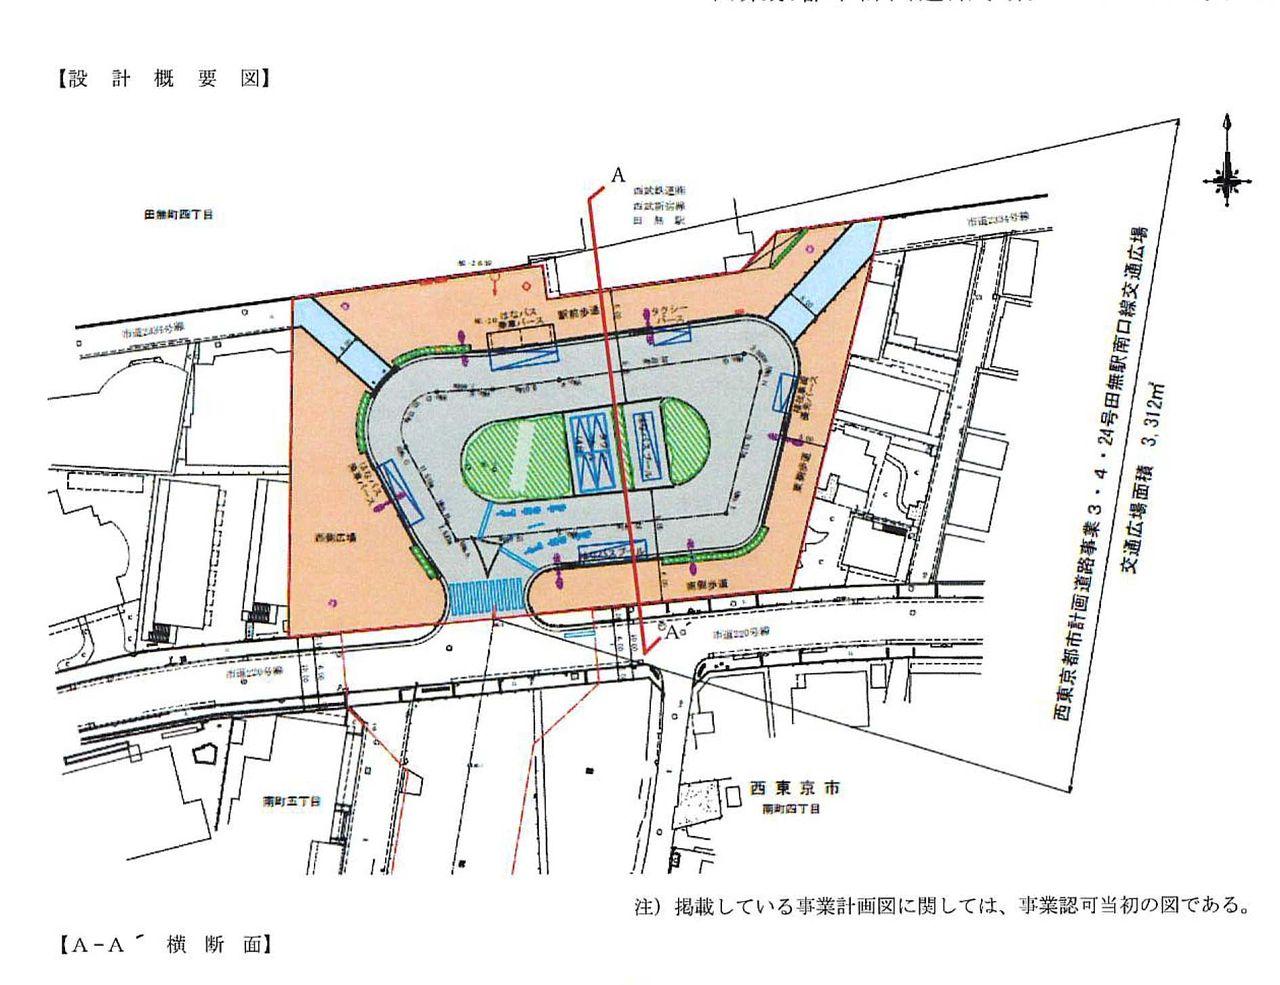 西東京市計画道路事業3・4・24号